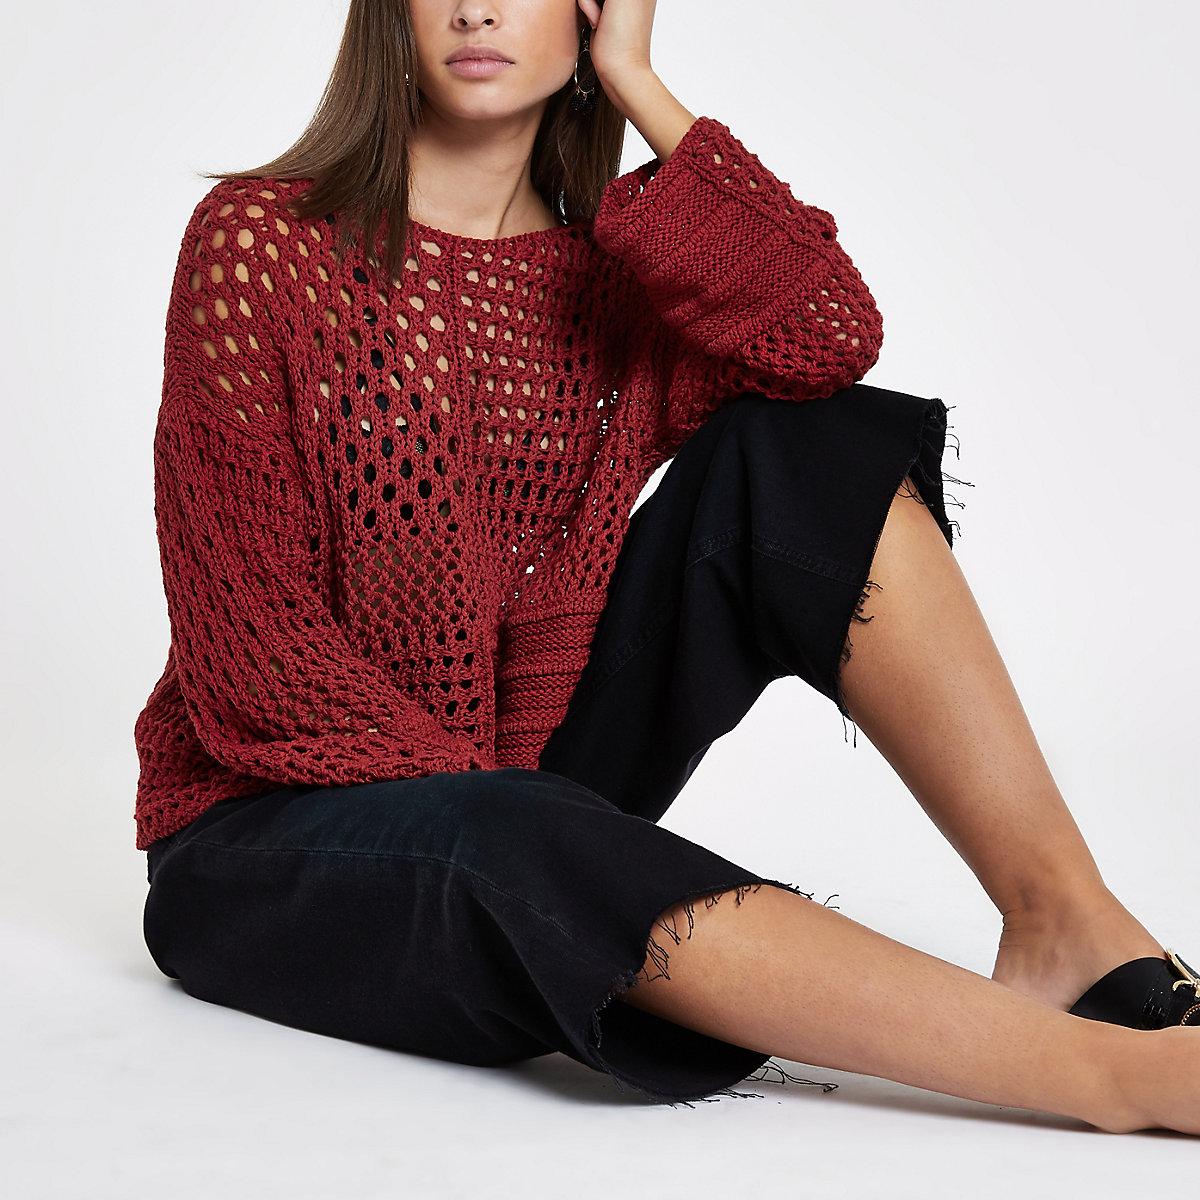 Rust crochet knit boxy sweater